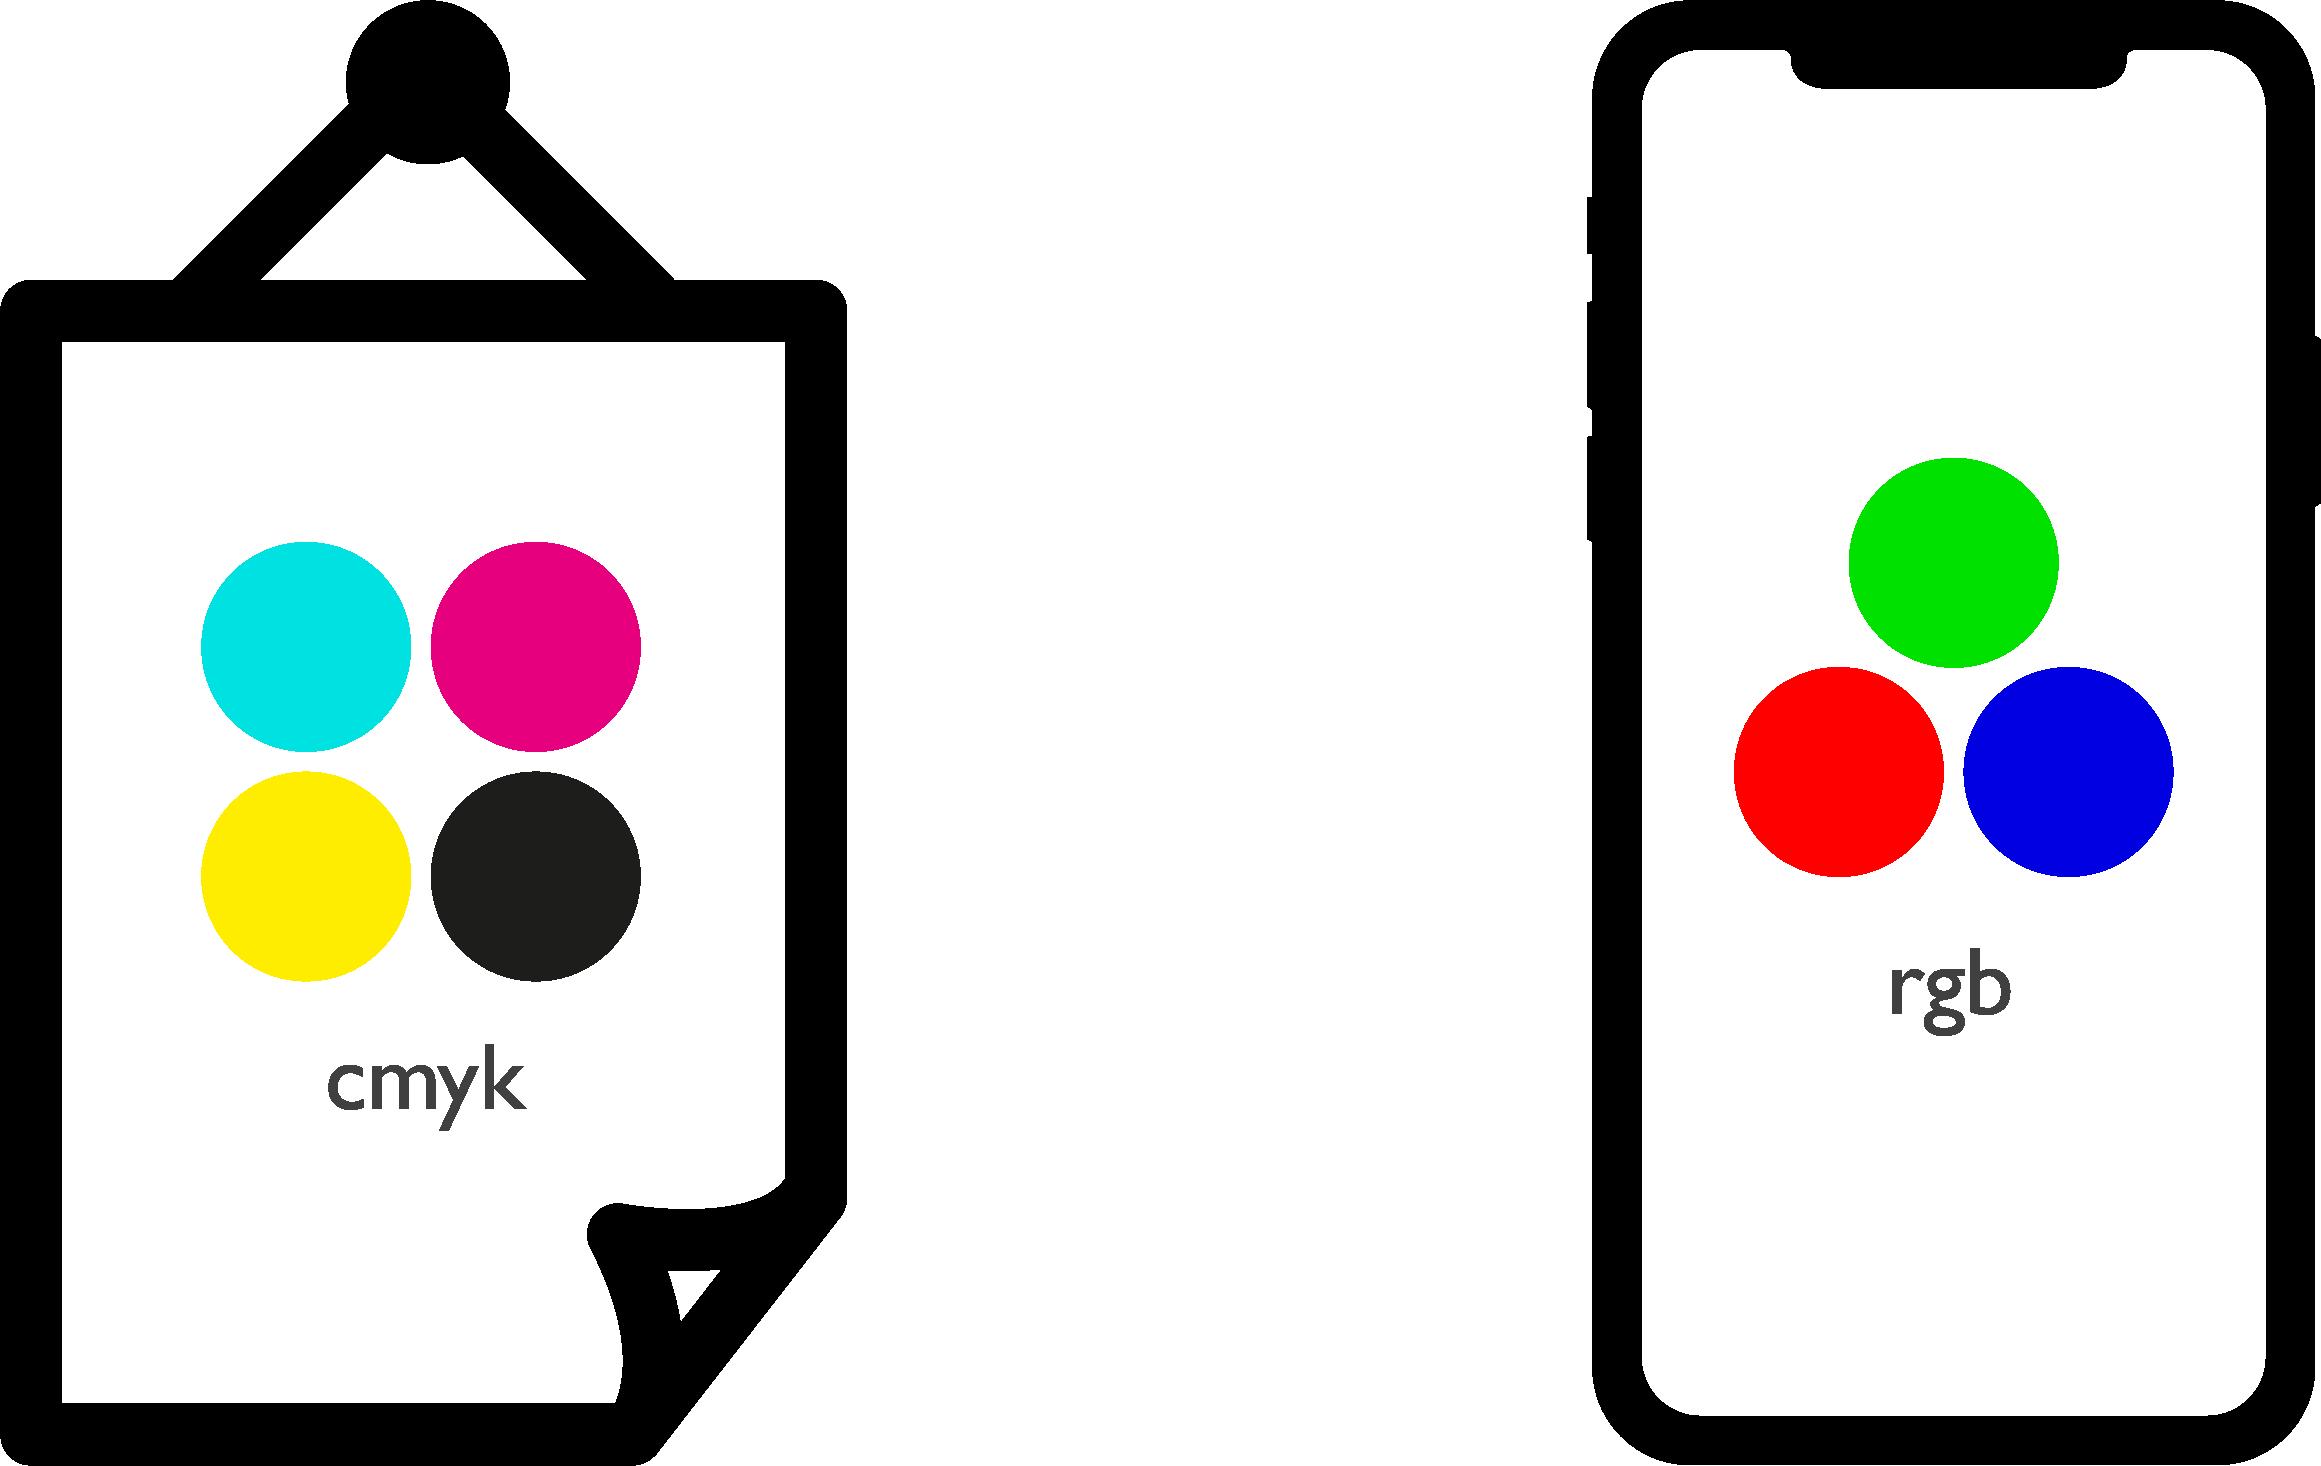 visual example of cmyk vs rgb